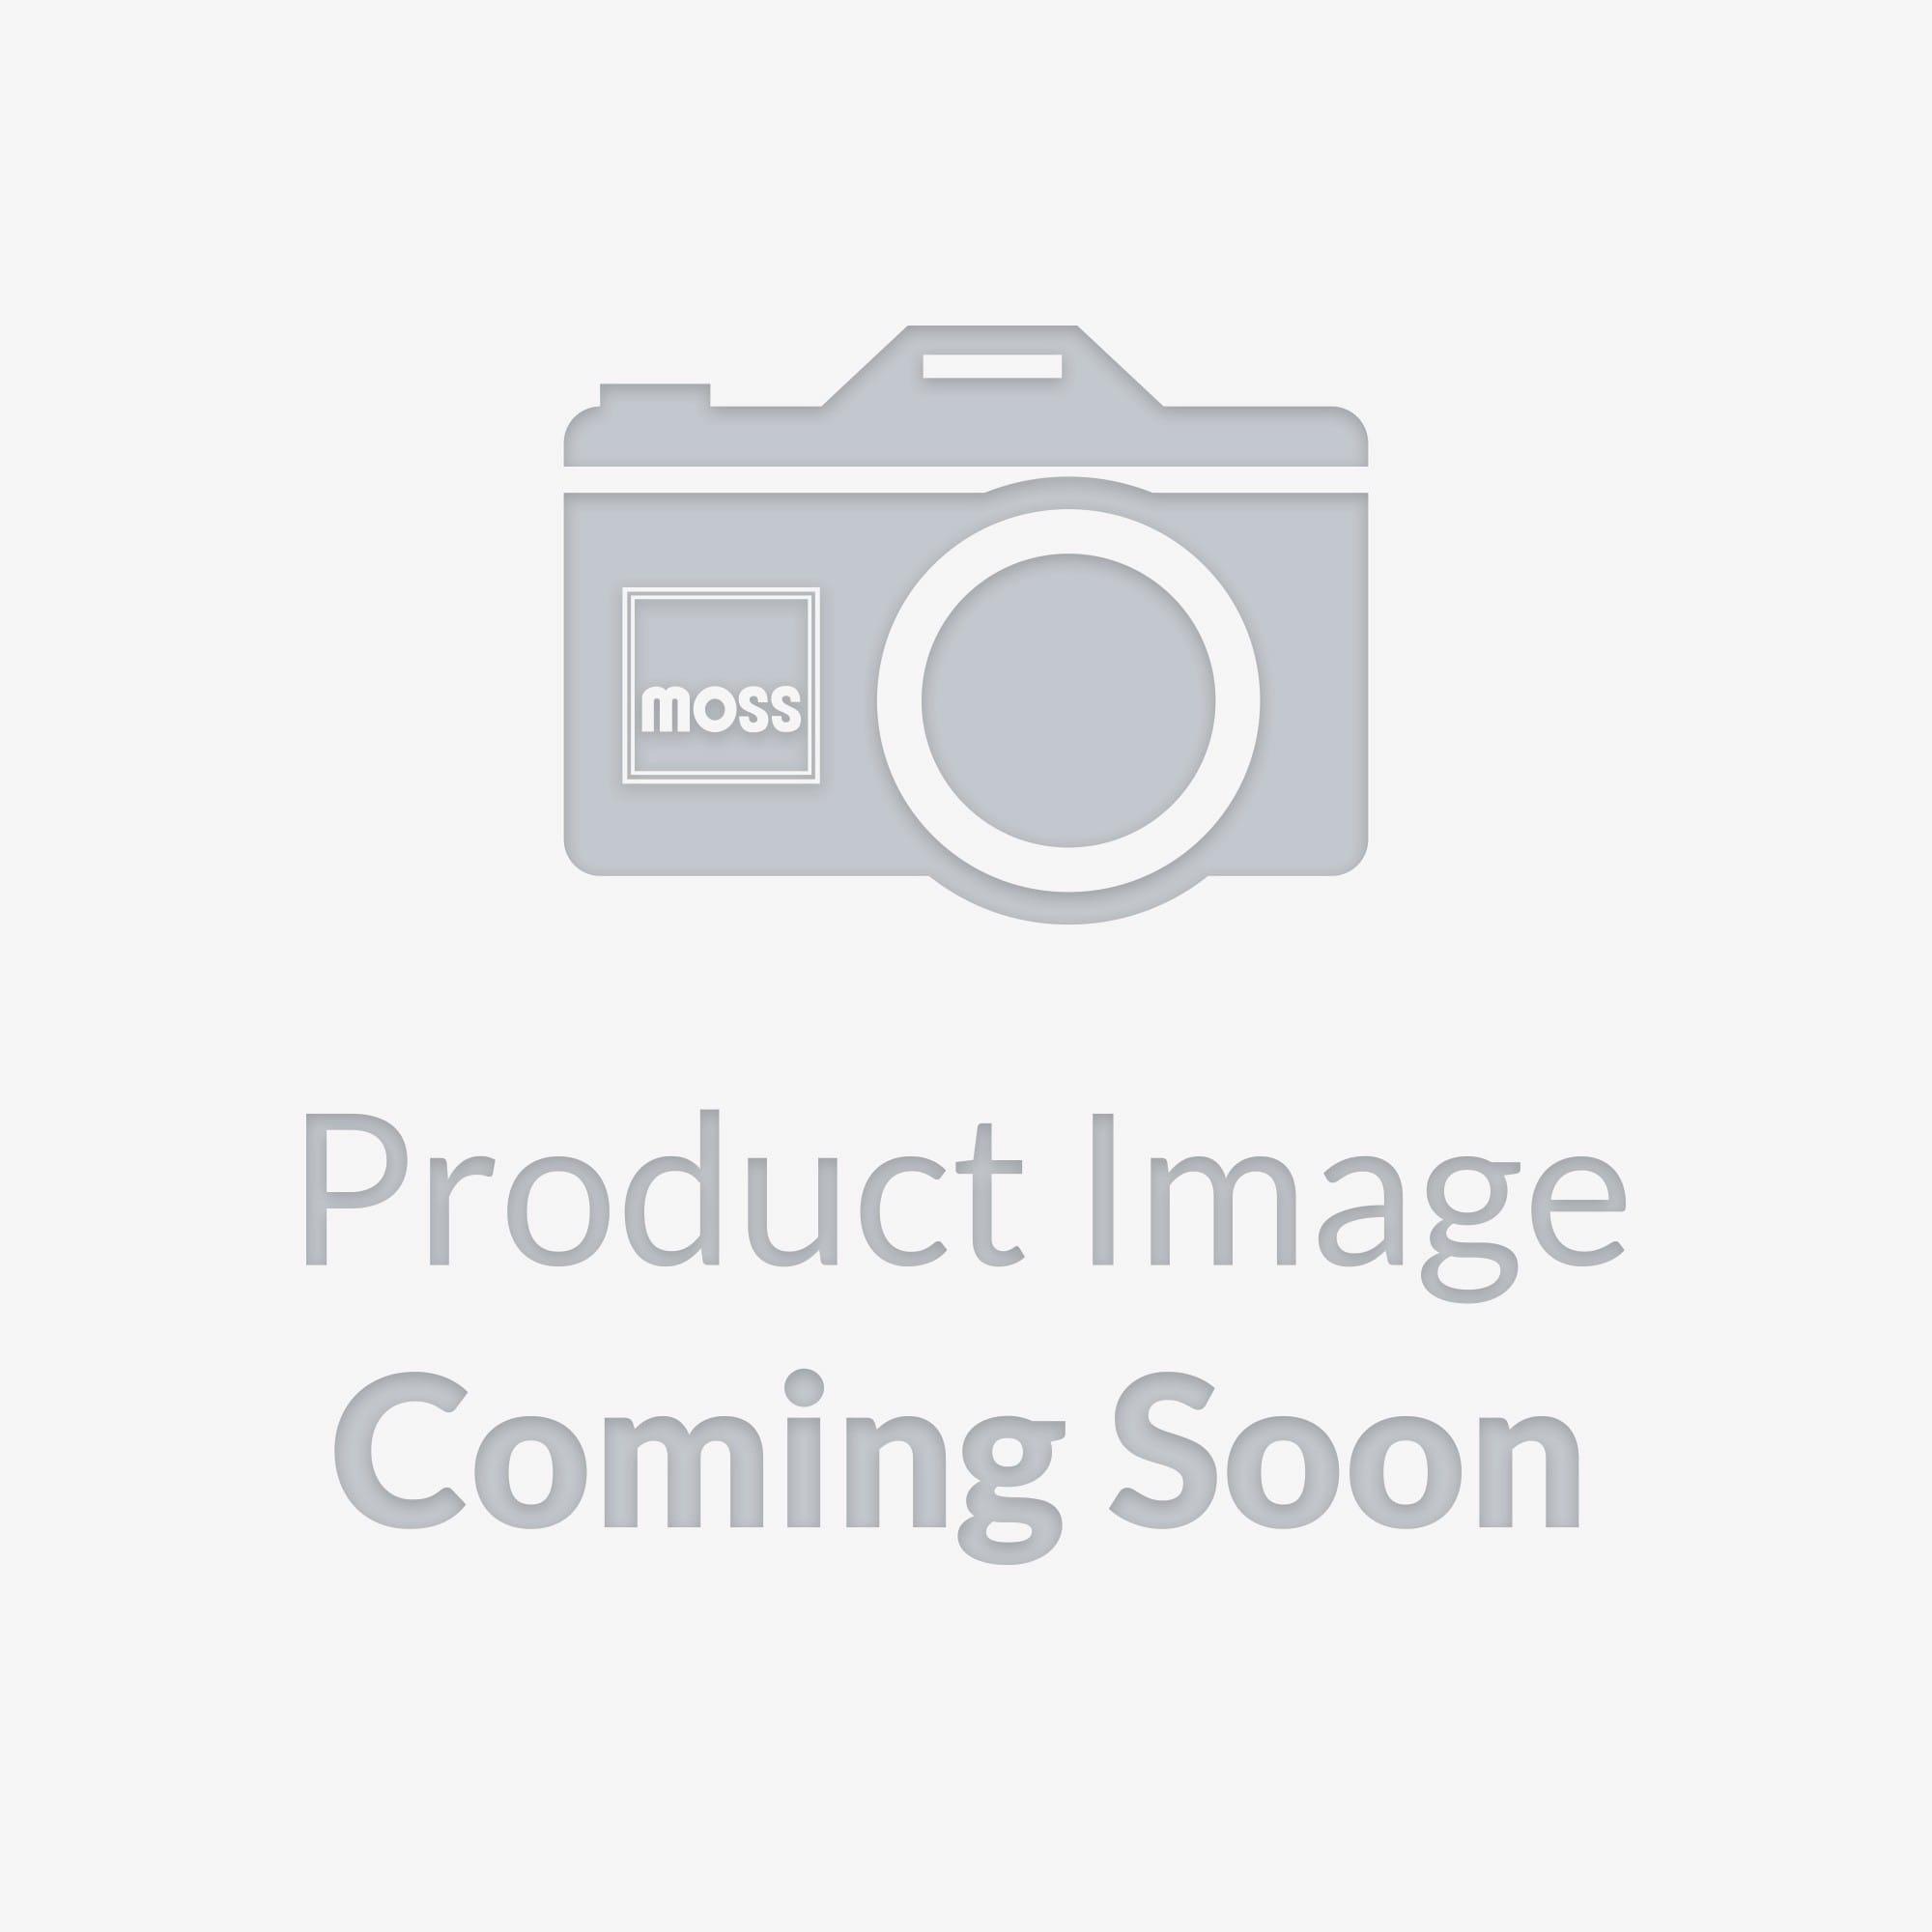 459 685 Fan Shroud Optional Accessory Moss Motors